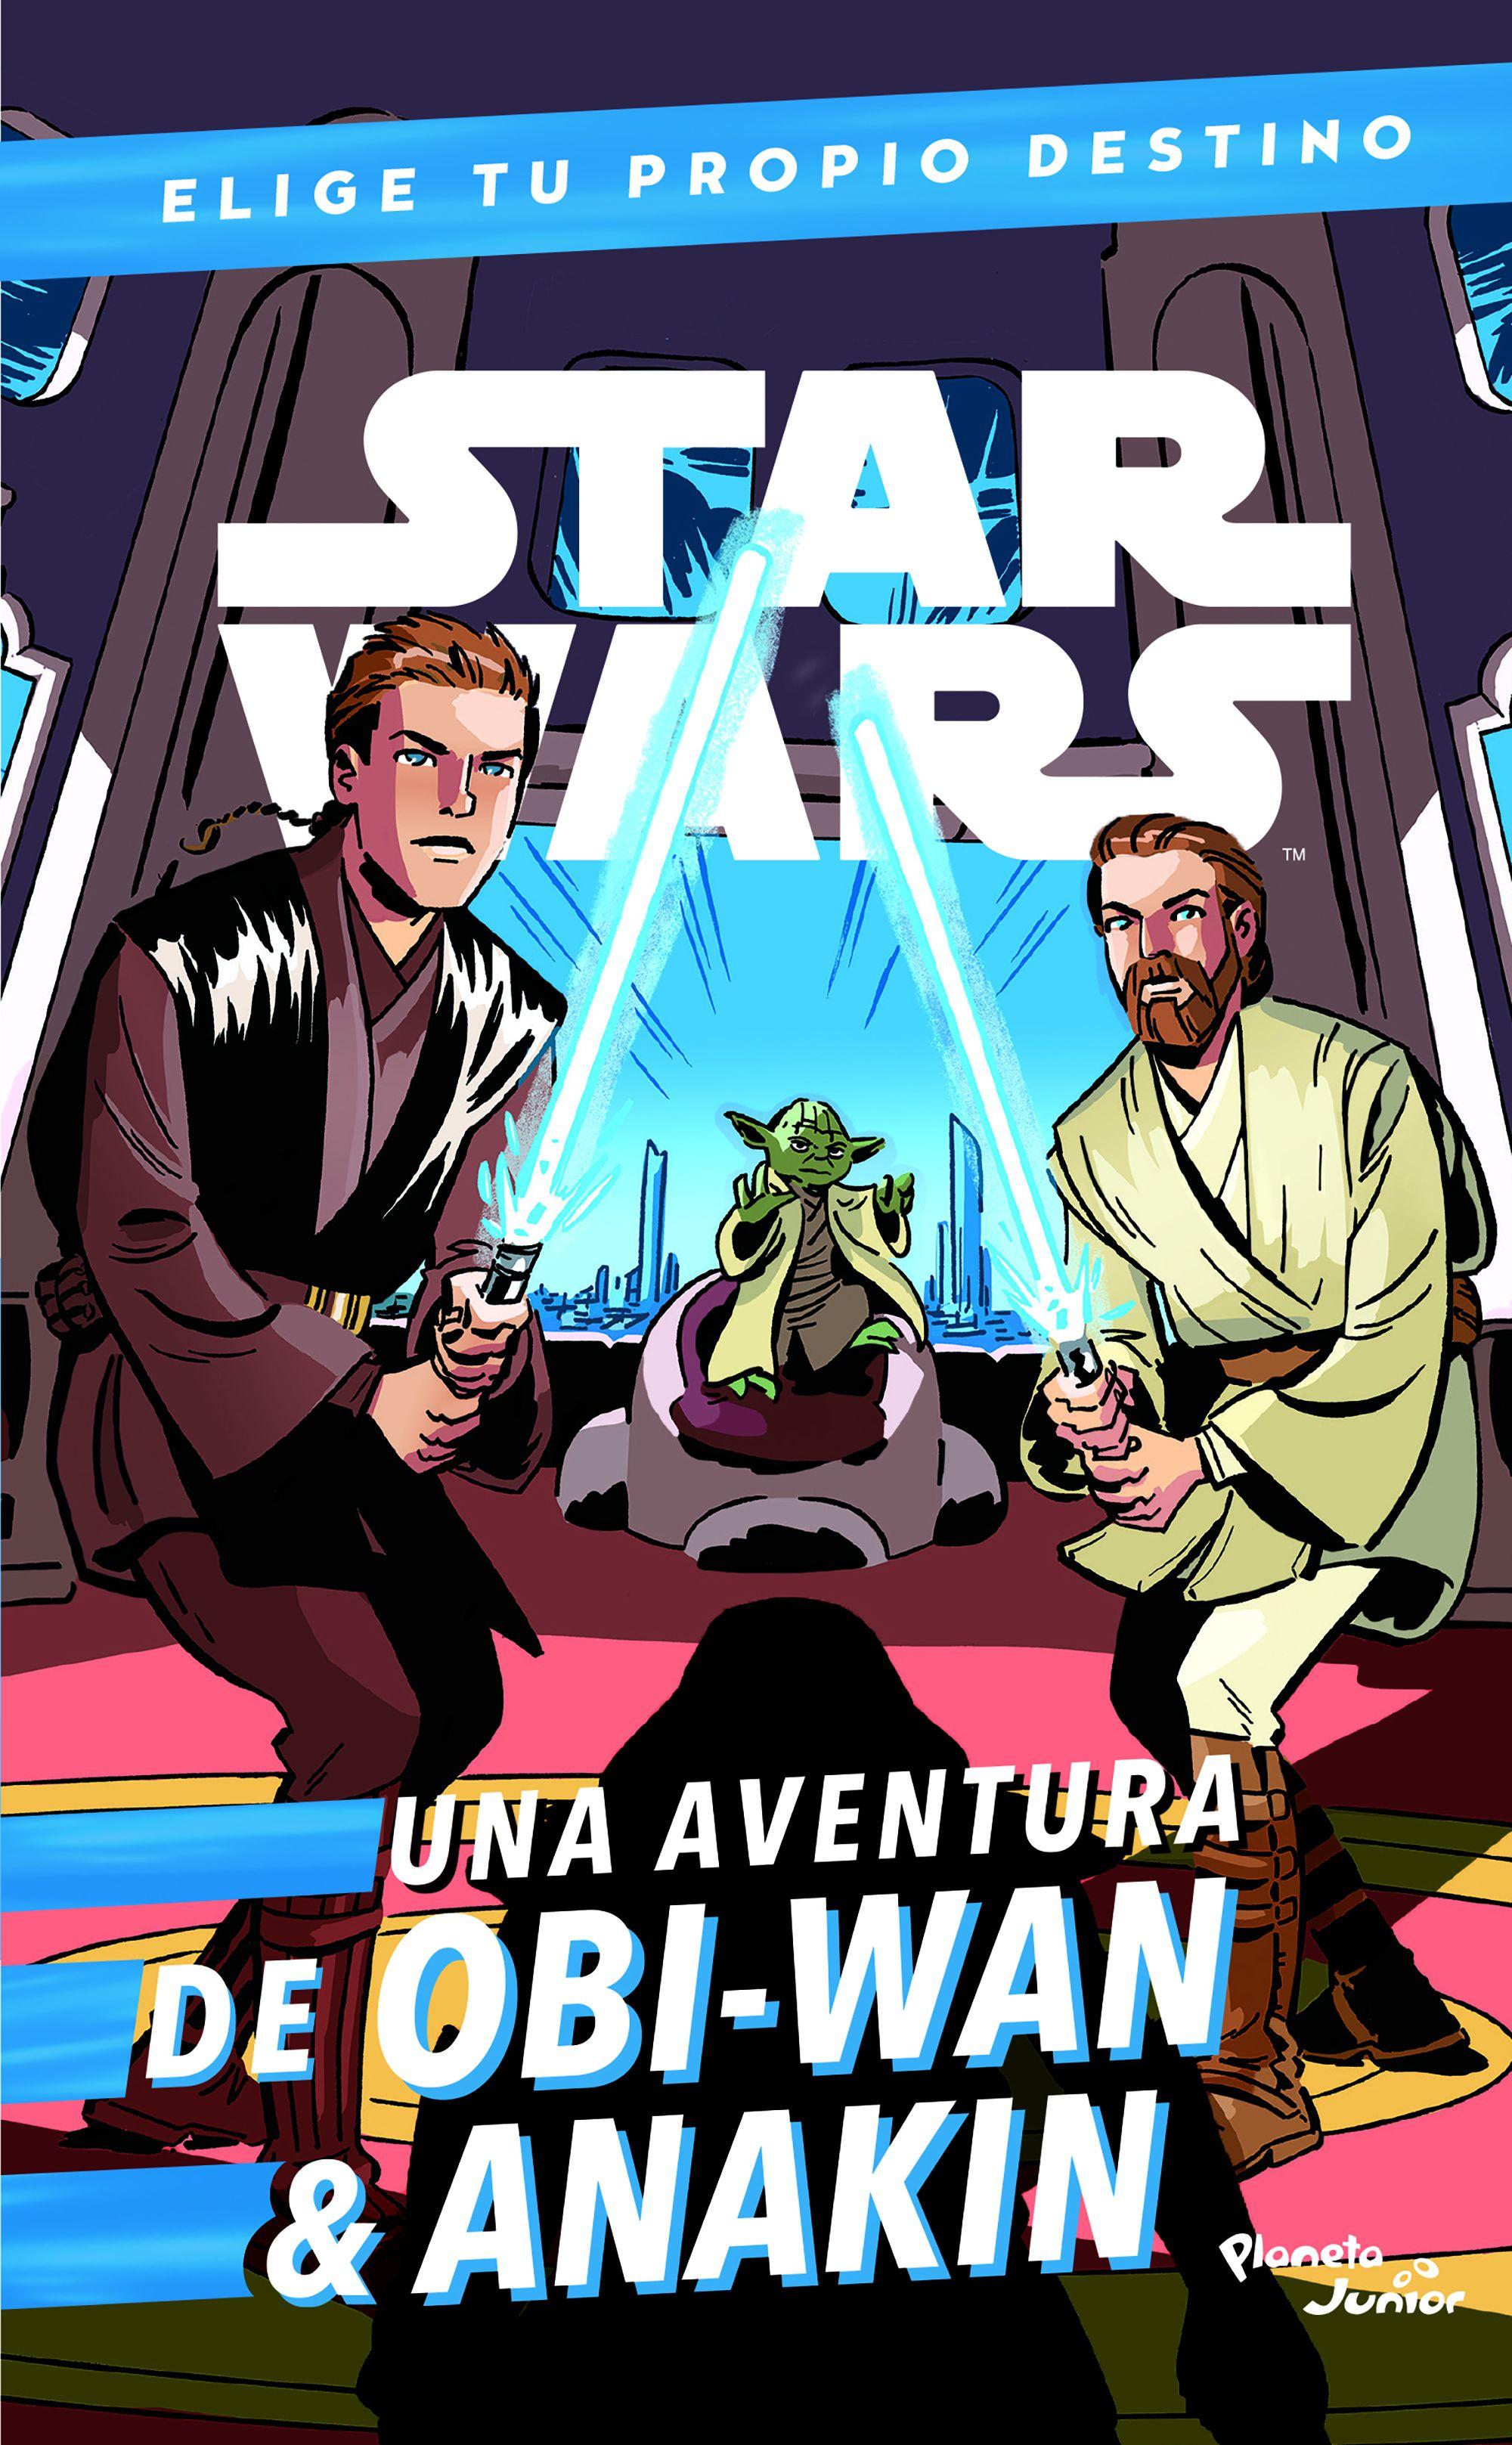 Elige Tu Propio Destino: Una Aventura de Obi-Wan & Anakin